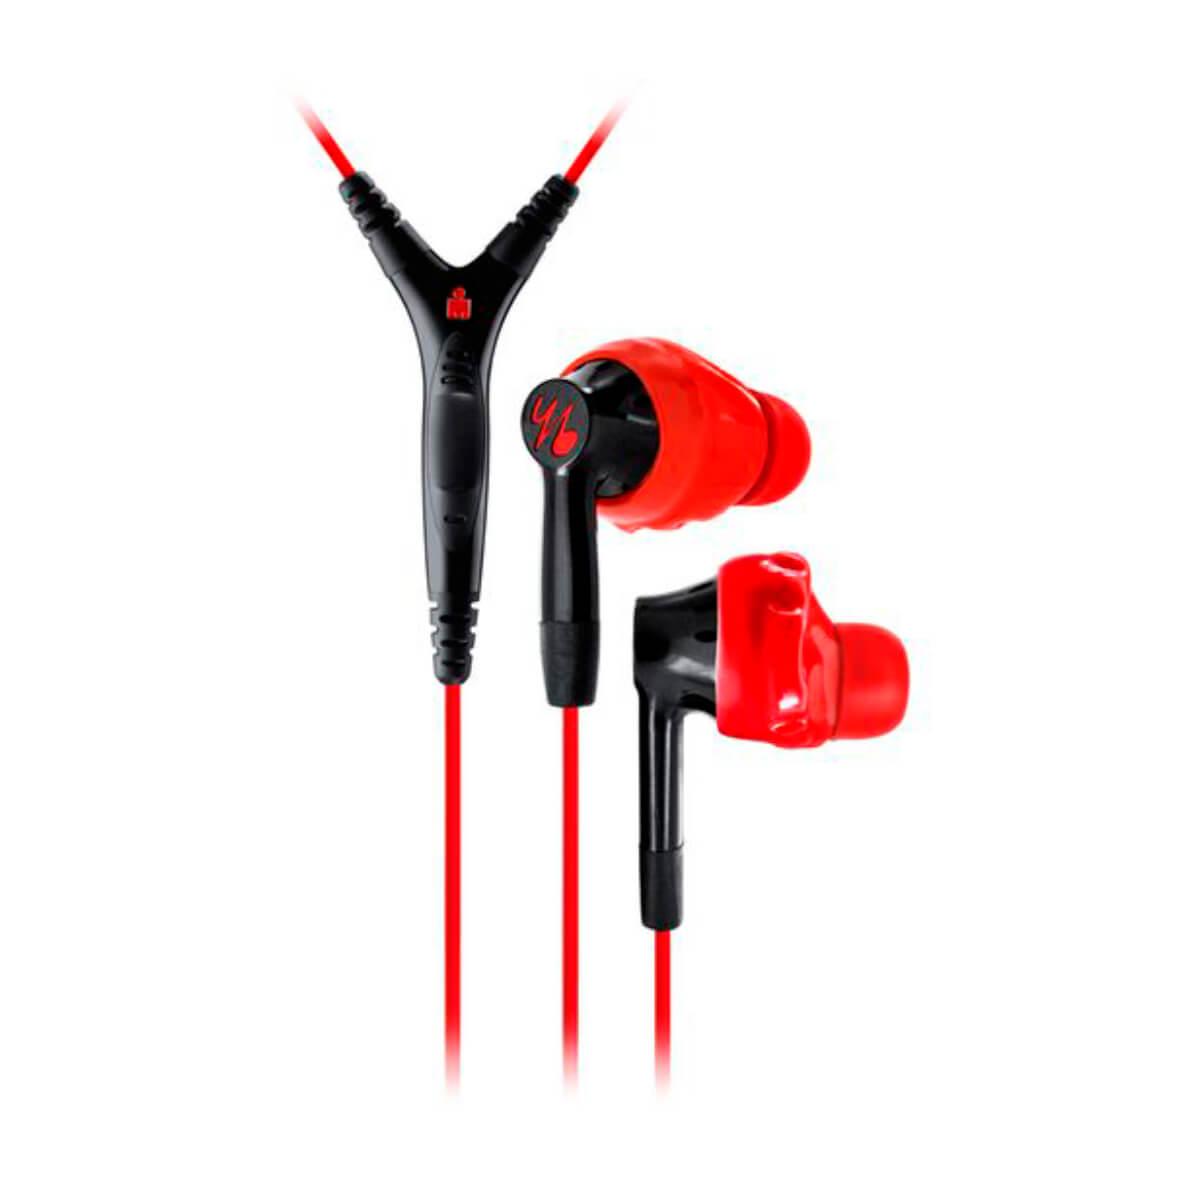 Купить Наушники и гарнитуры, Наушники JBL Yurbuds Inspire 400 Red/Black (YBIMINSP04RNB)